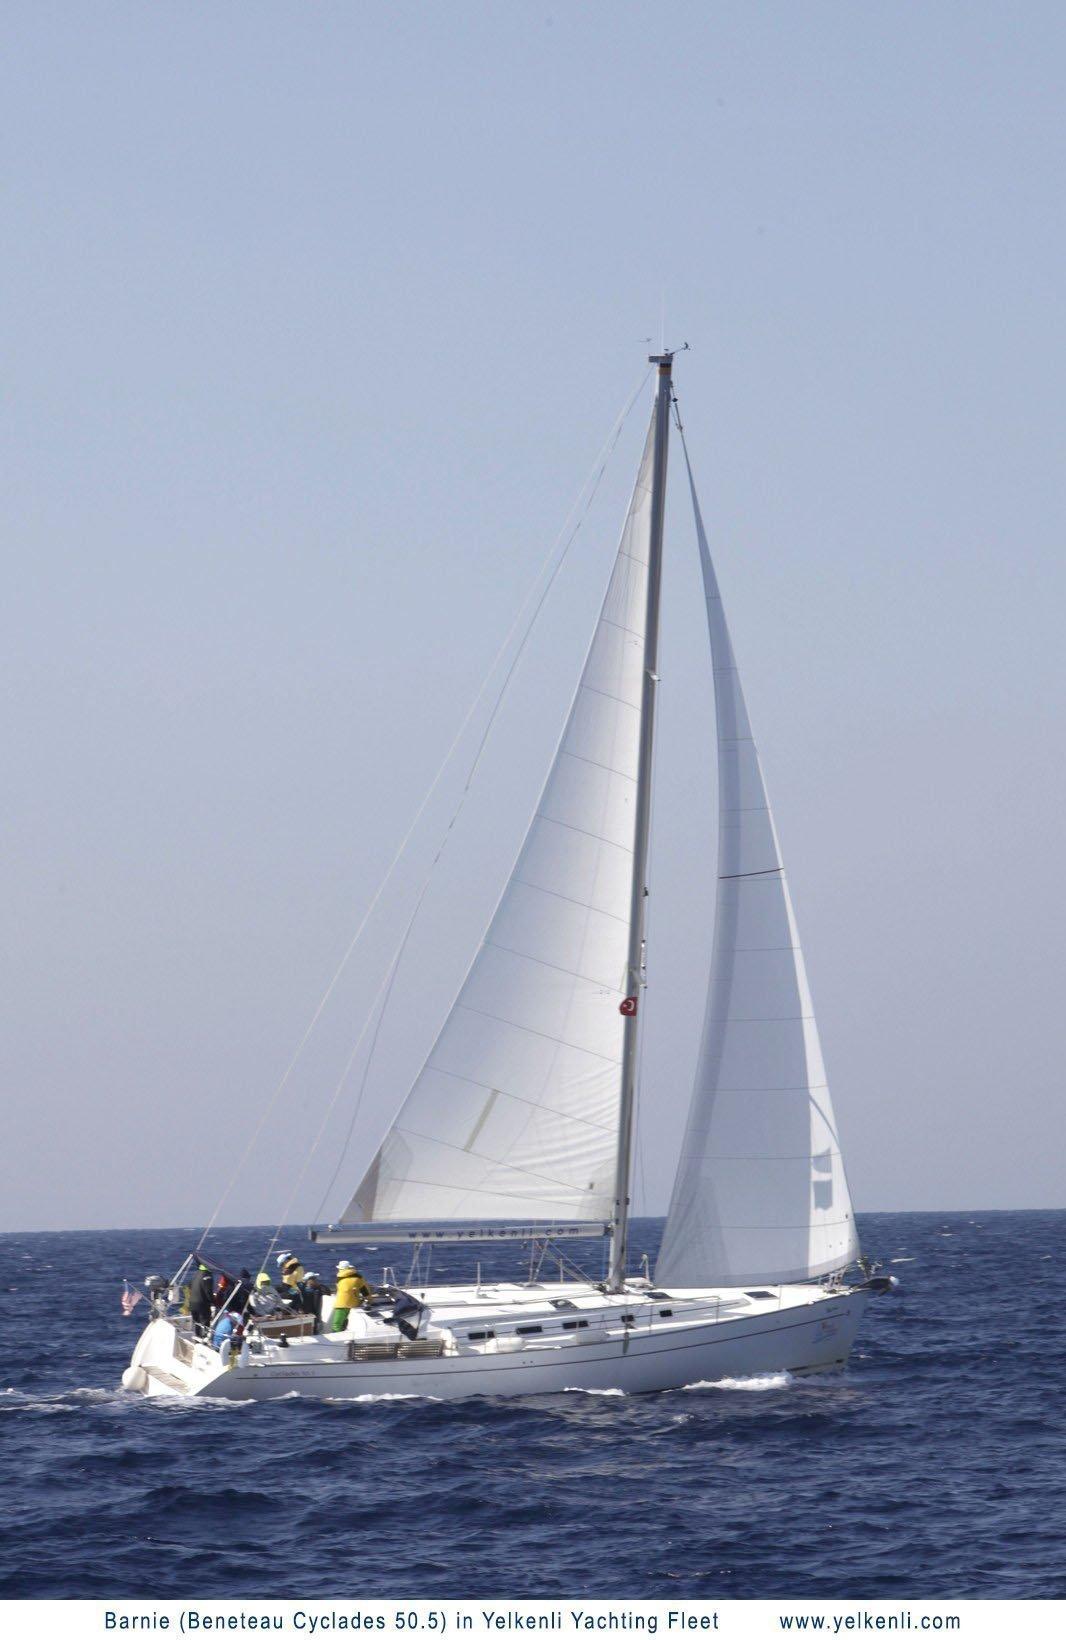 Cyclades 50.5 (Barnie) Sailing - 25